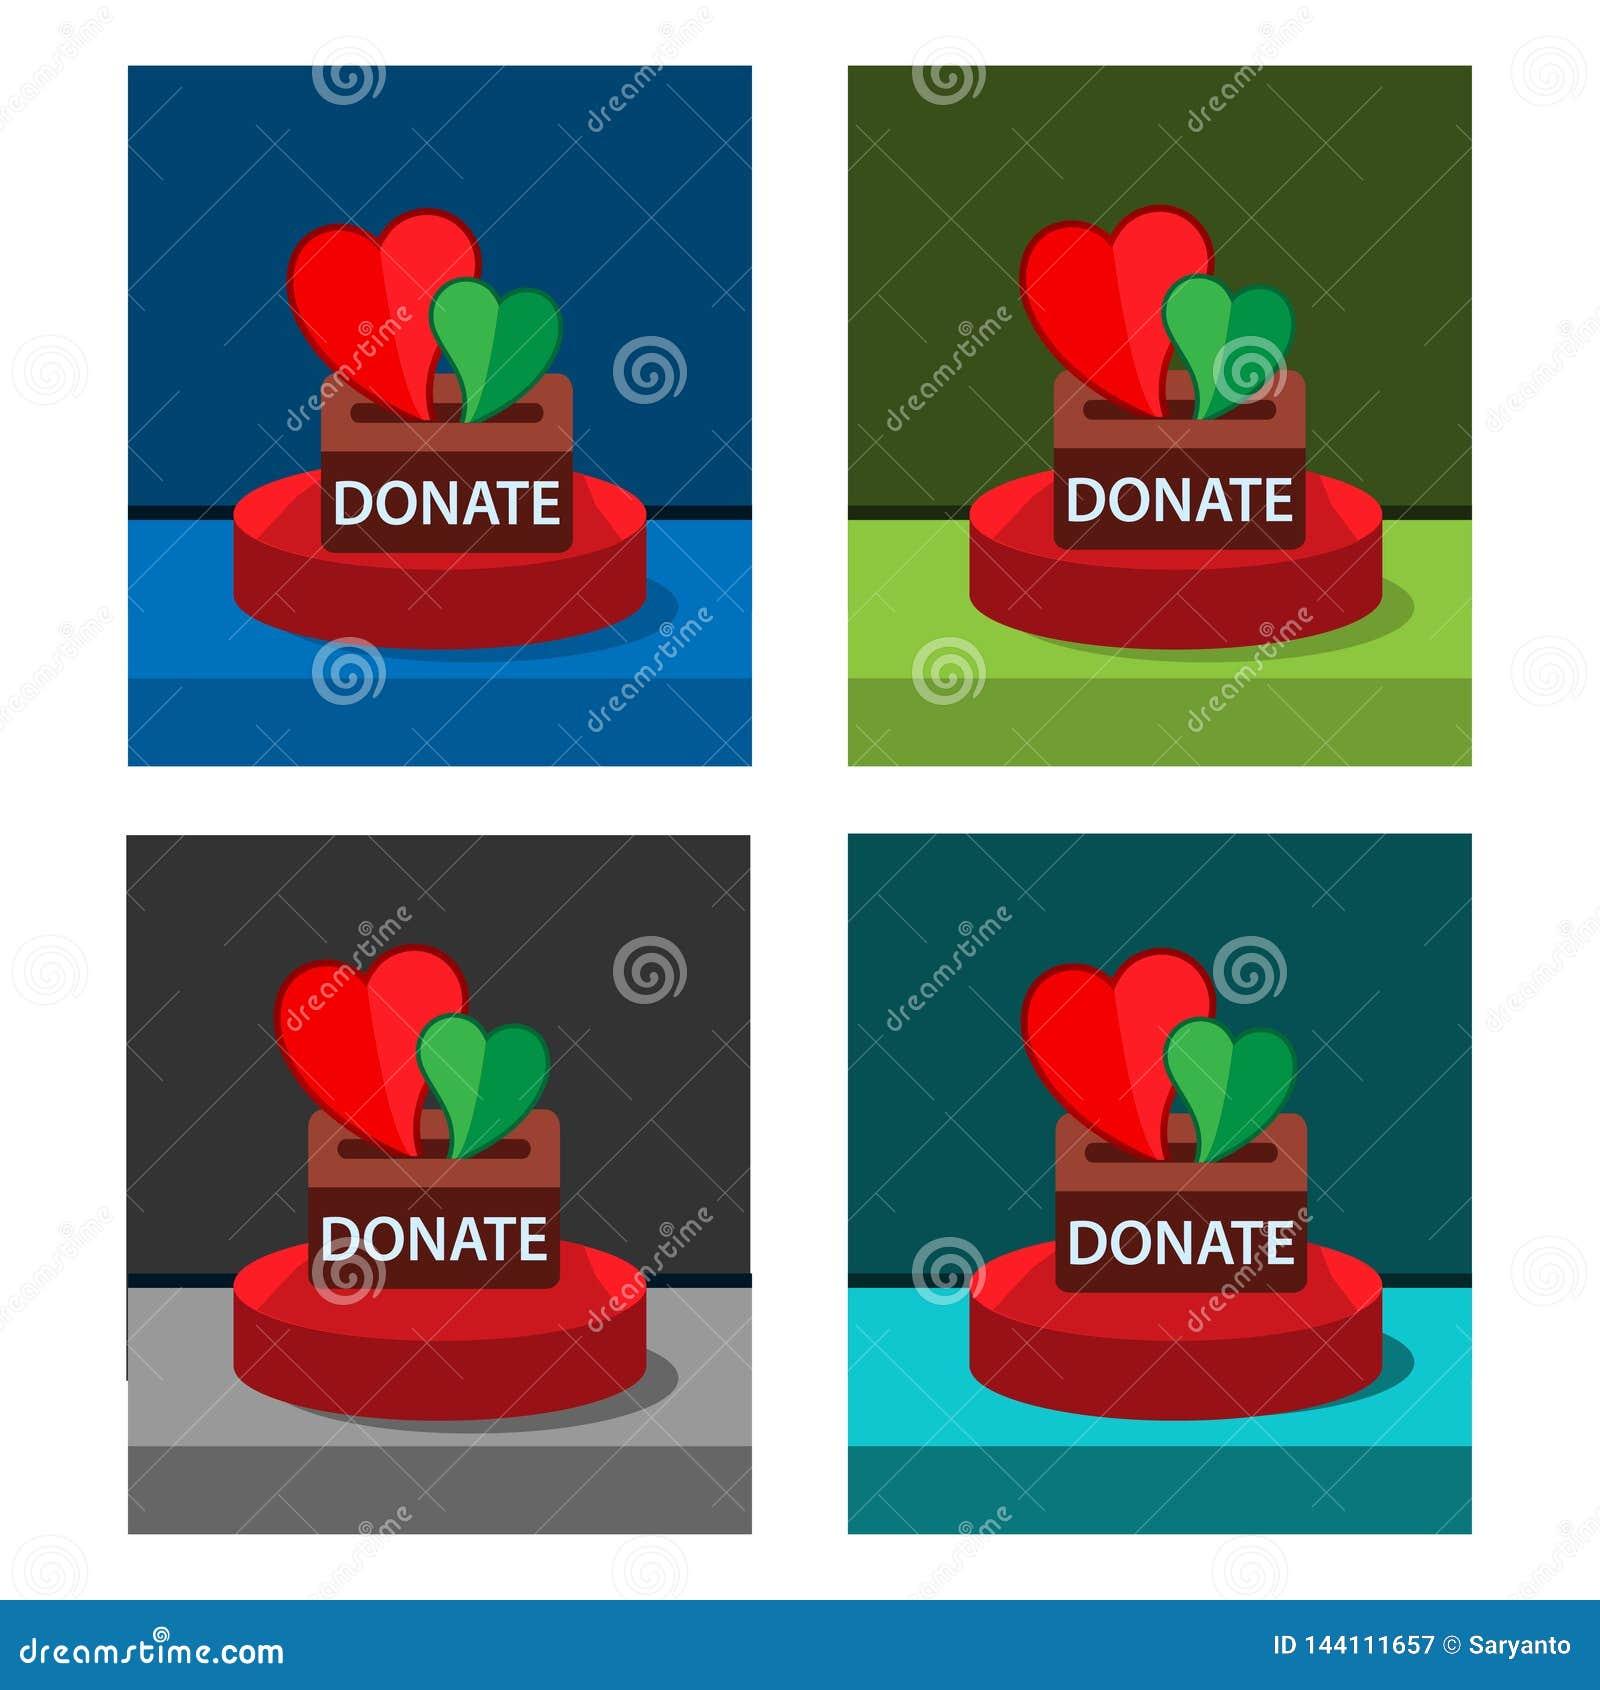 Donate icon on the circle, stock icon